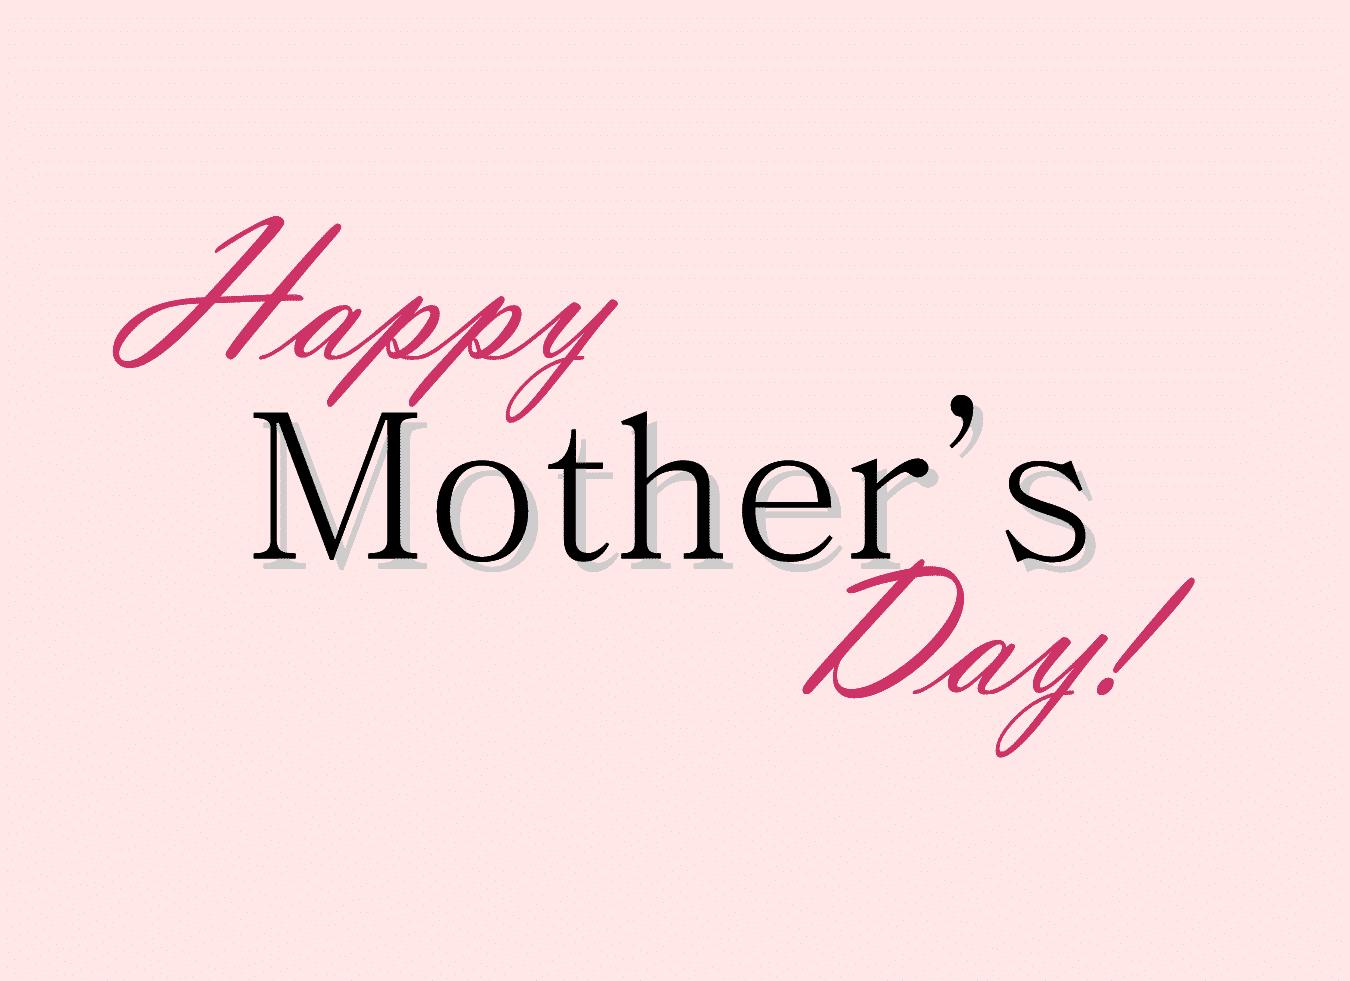 صور وكروت وبطاقات معايدة لعيد الأم - Happy Mother's Day 2020 9